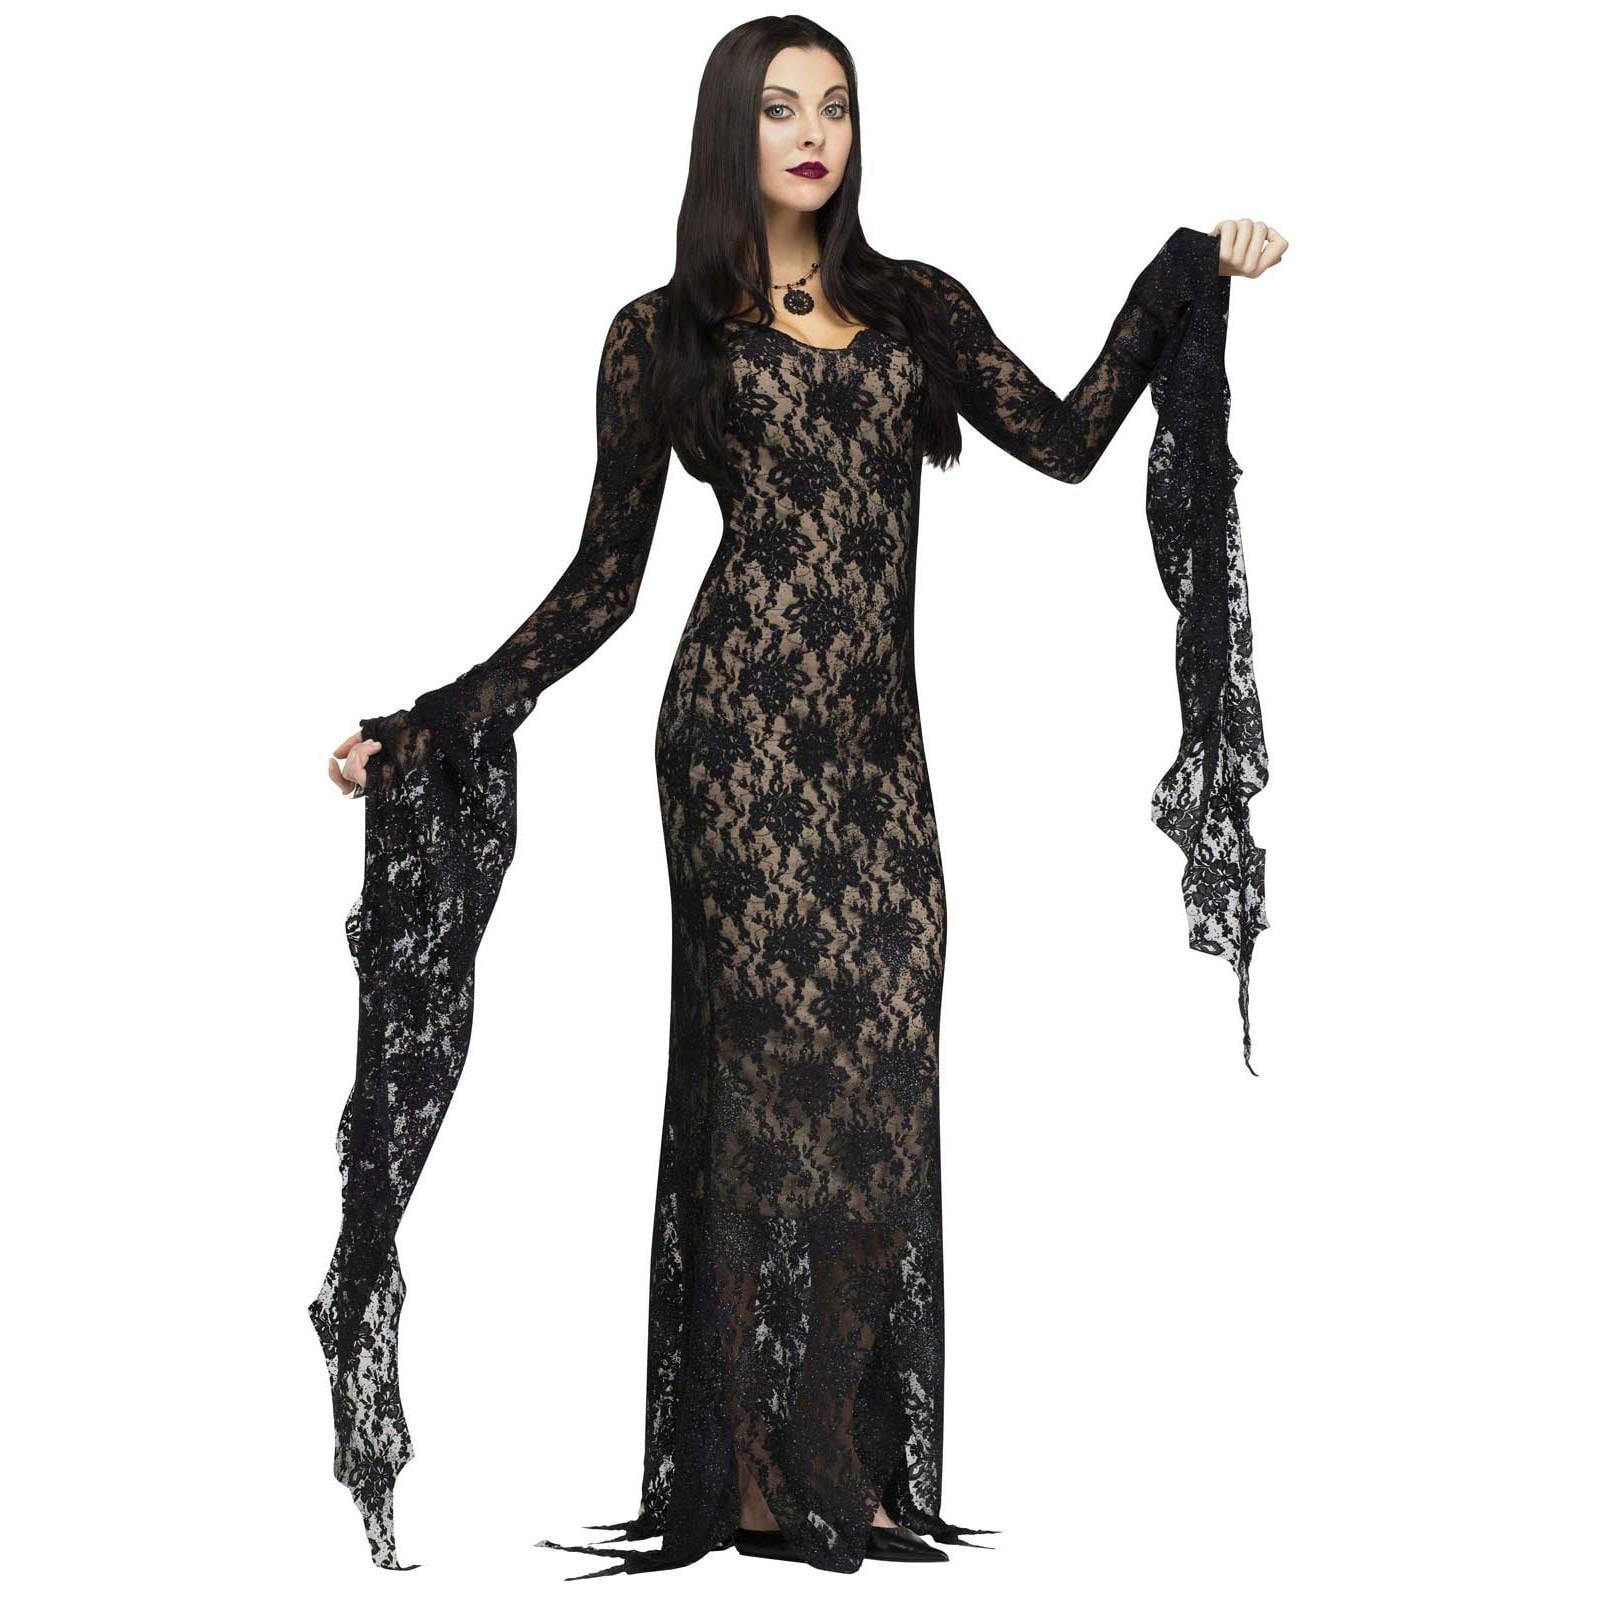 Lace Morticia Dress - Womens Costume - Small (4-6)